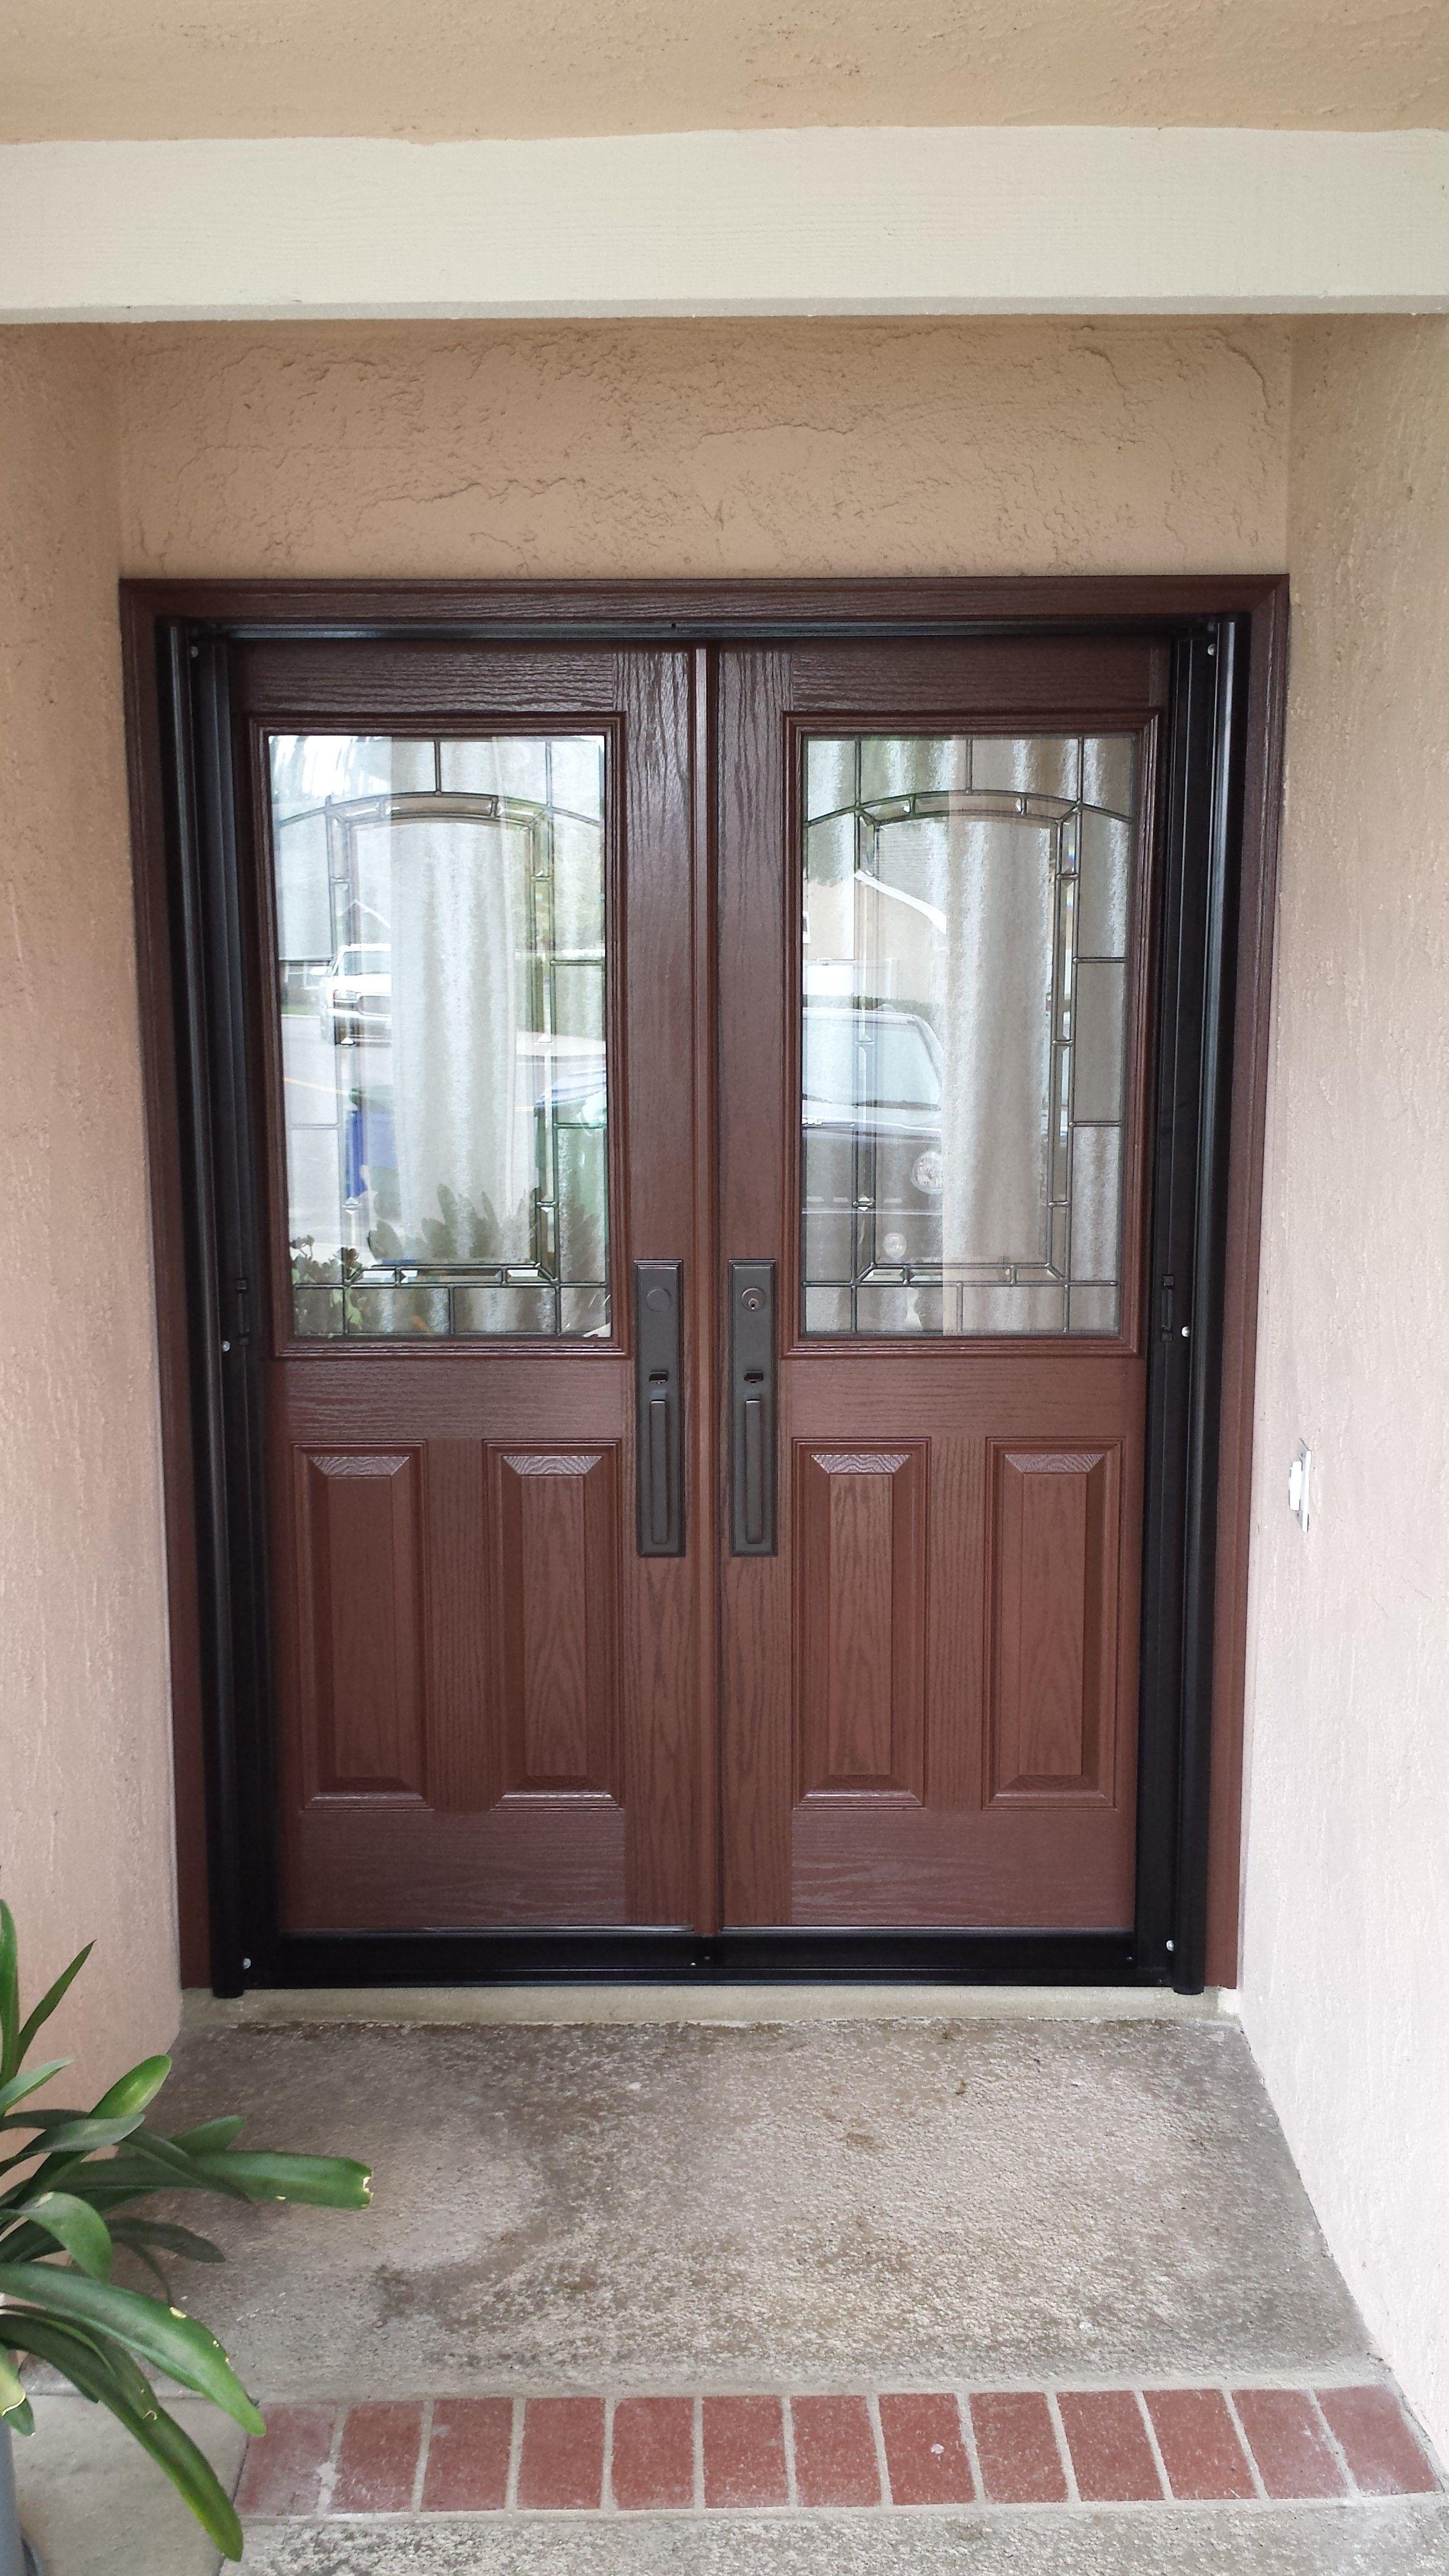 5 foot double door in fiberglass, stained. Exterior